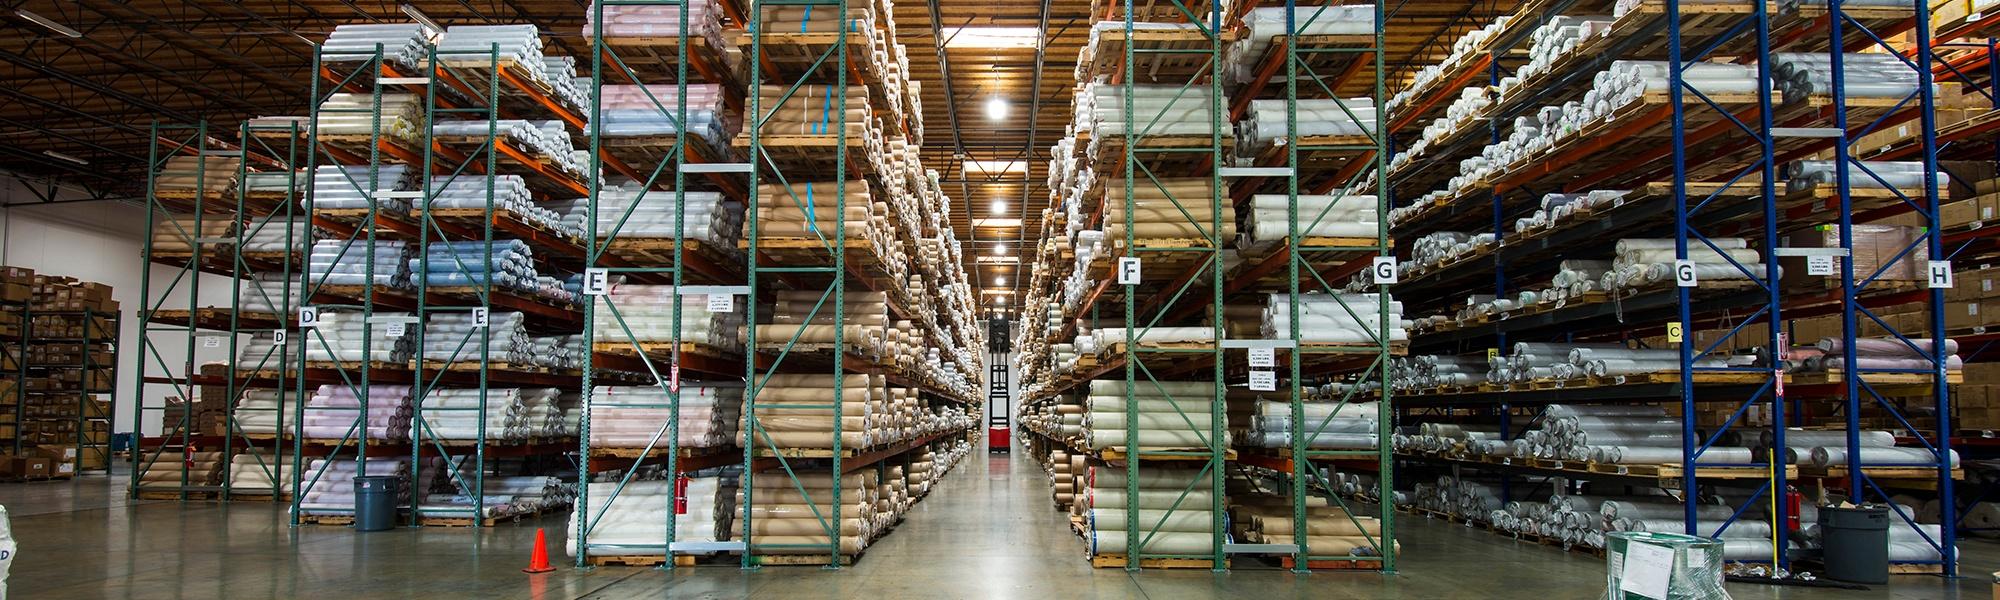 3PL Distribution Services